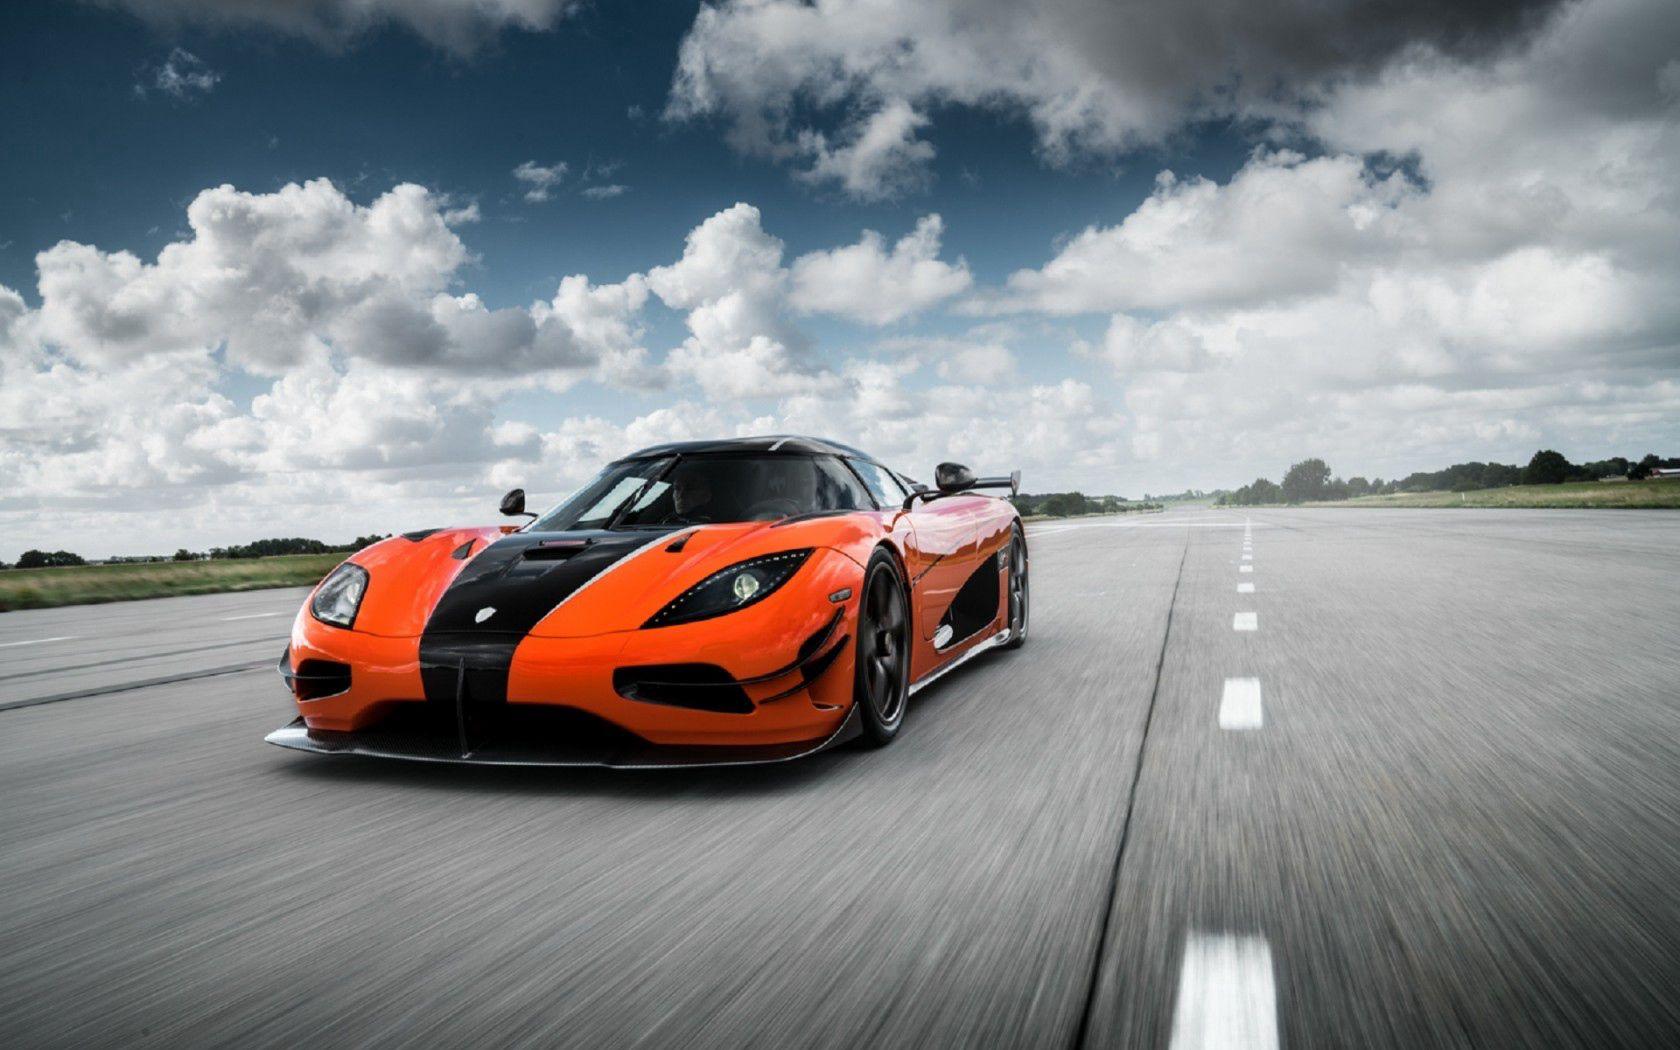 123071 завантажити шпалери Koenigsegg, Тачки, Вид Спереду, Agera, Айера (Івате - заставки і картинки безкоштовно